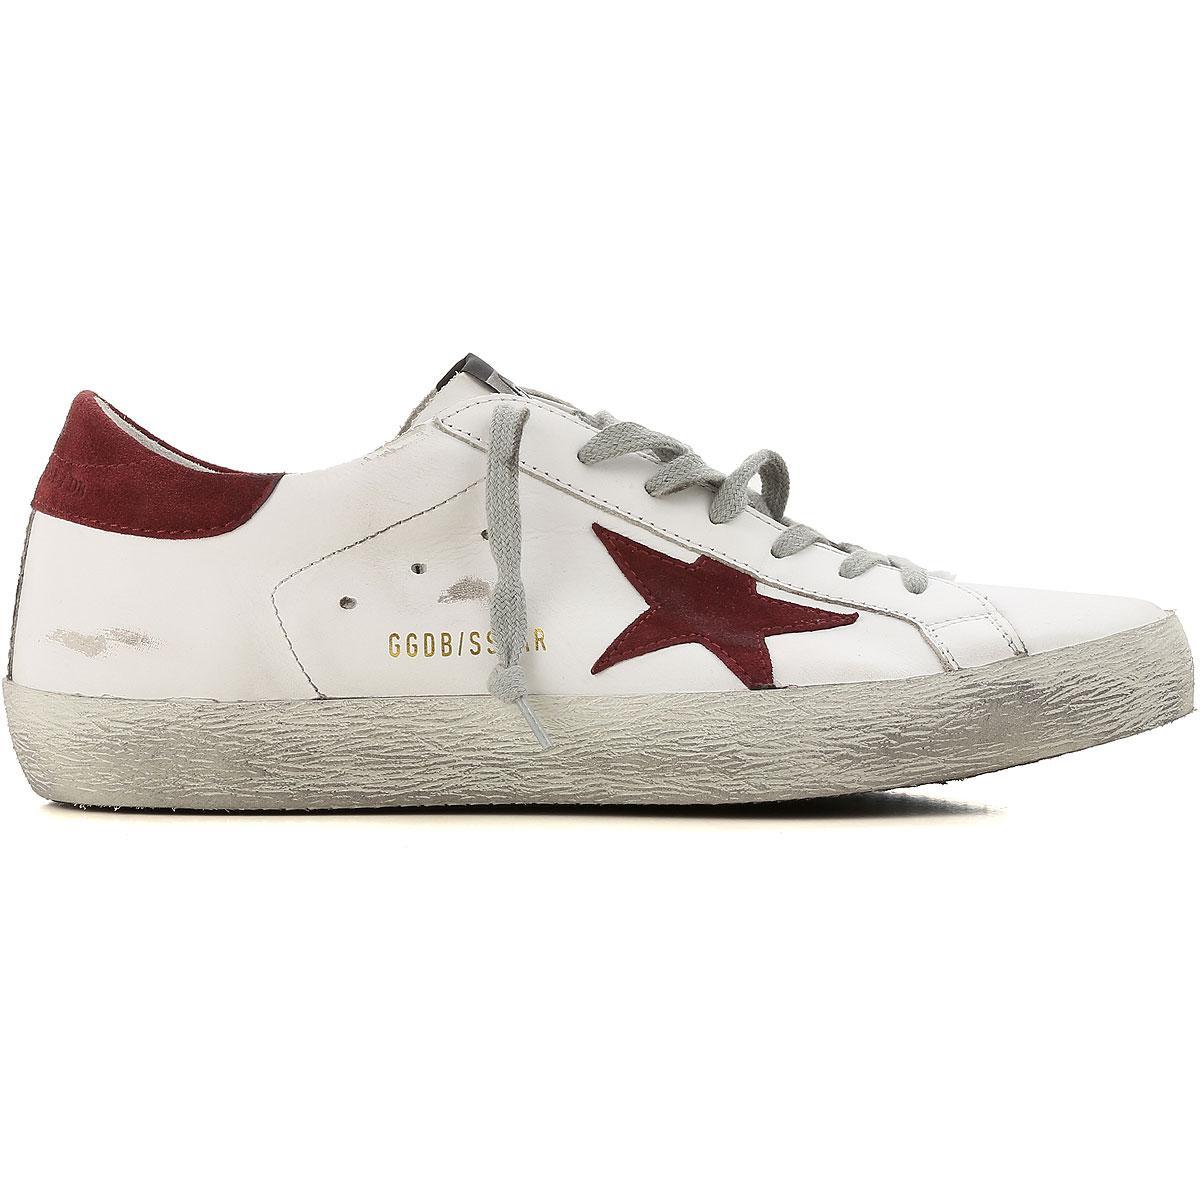 Lyst - Golden Goose Deluxe Brand Sneakers For Men in White for Men e66f54e07